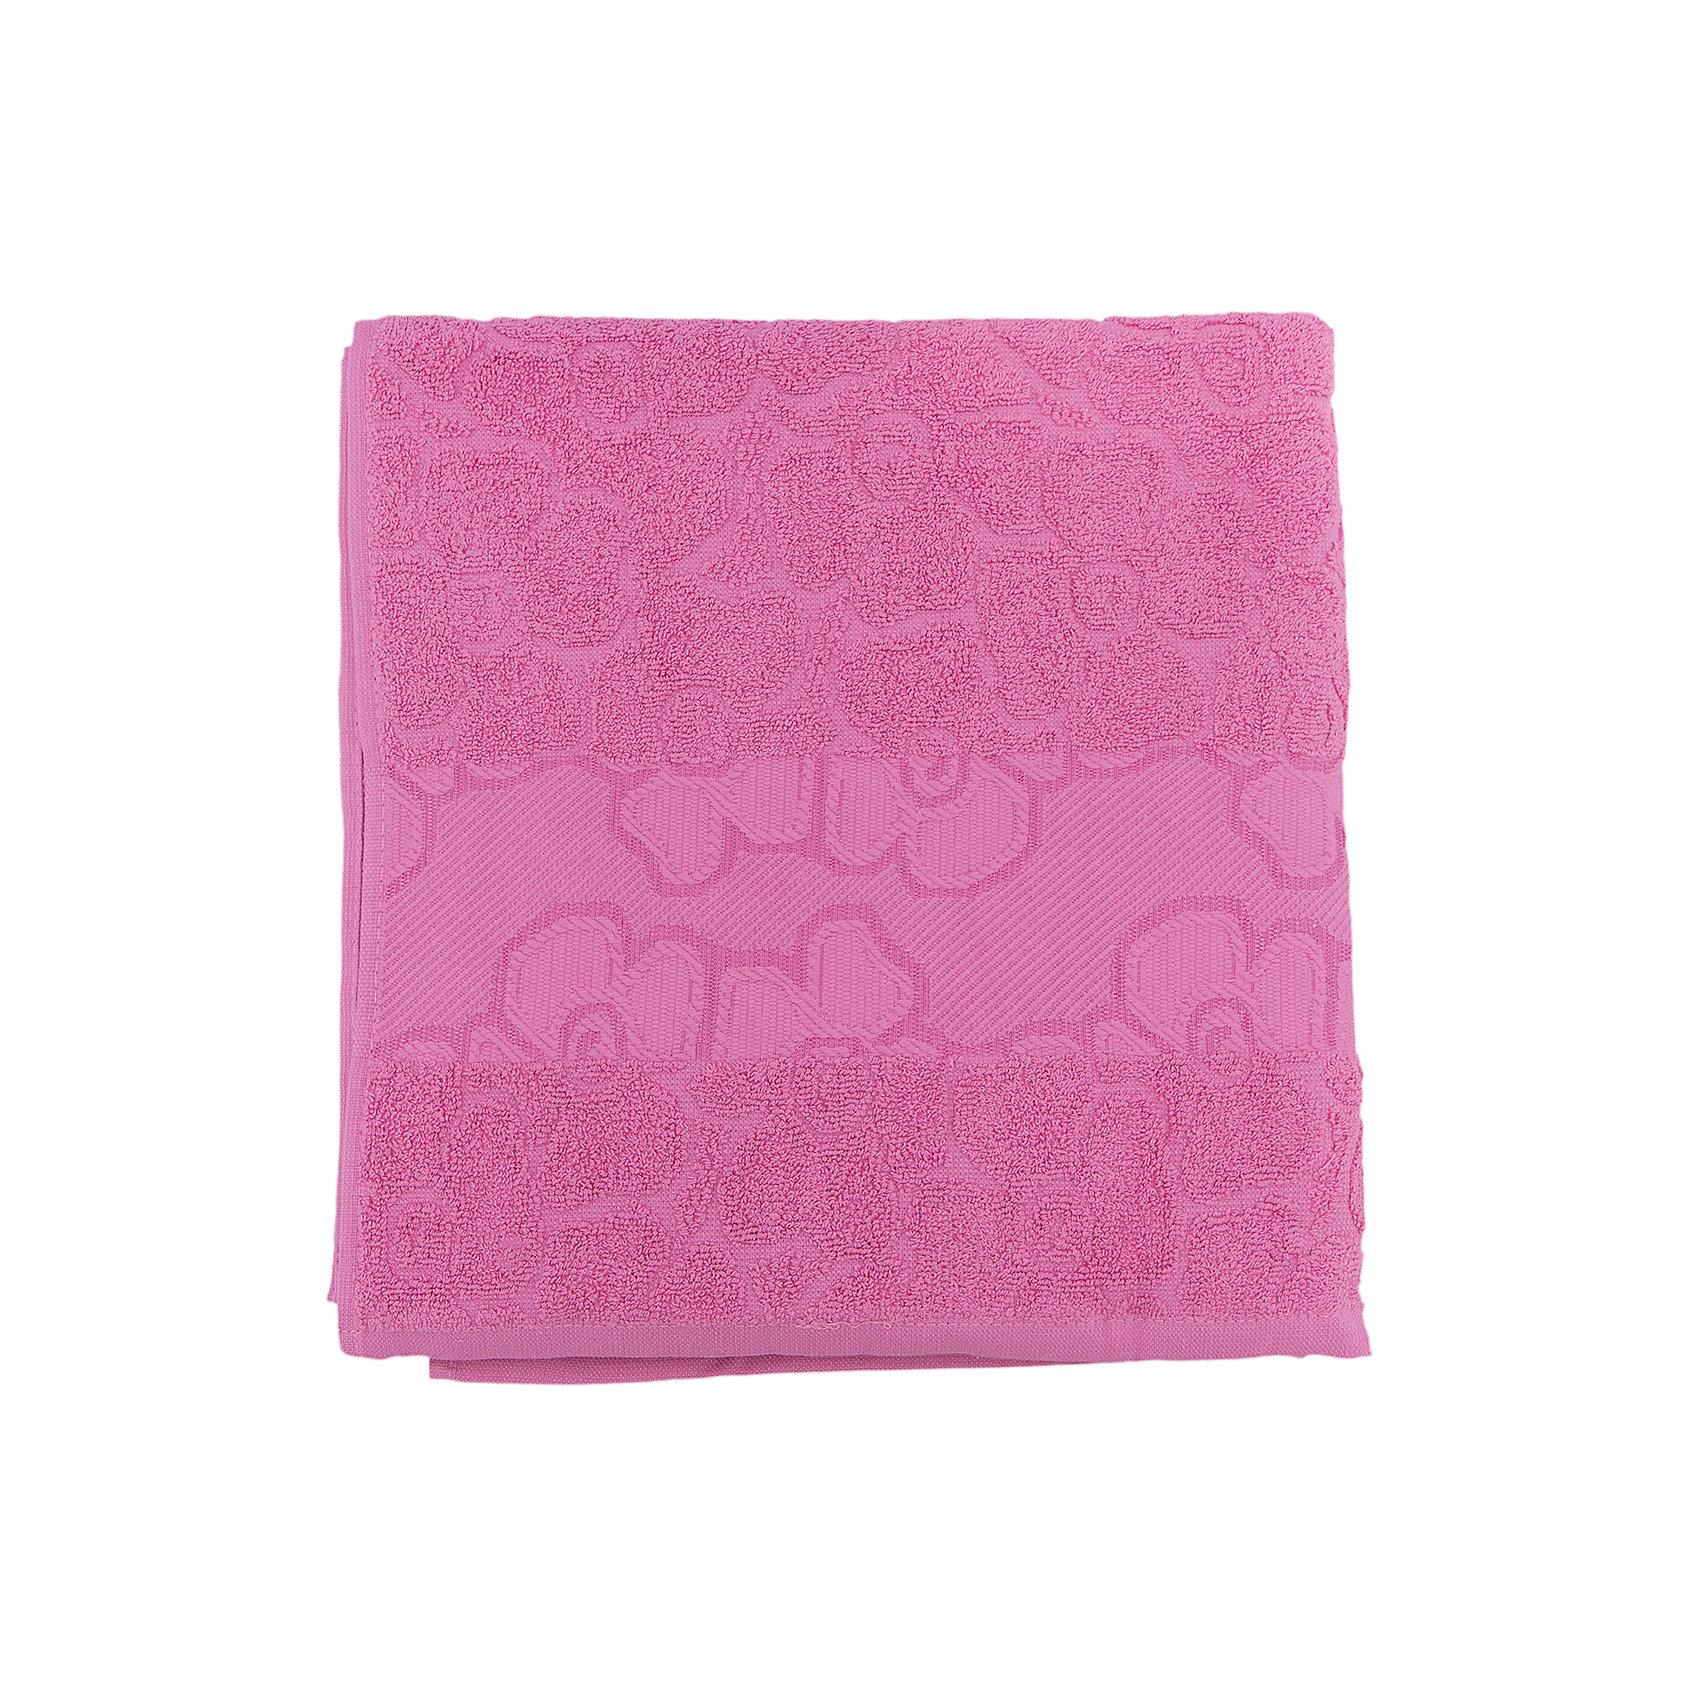 Полотенце махровое Viola 70*140, Португалия, розовыйМахровое полотенце Viola изготовлено из натурального хлопка, приятного телу. Полотенце отлично впитывает влагу, износостойкое и не теряет цвет при стирке. Приятный цвет и дизайн полотенца отлично впишется в вашу ванную комнату.<br><br>Дополнительная информация:<br>Материал: 100% хлопок<br>Плотность: 500 г/м2<br>Размер: 70х140 см<br>Цвет: розовый<br>Торговая марка: Португалия<br><br>Махровое полотенце Viola можно купить в нашем интернет-магазине.<br><br>Ширина мм: 500<br>Глубина мм: 500<br>Высота мм: 200<br>Вес г: 400<br>Возраст от месяцев: 0<br>Возраст до месяцев: 144<br>Пол: Унисекс<br>Возраст: Детский<br>SKU: 5010990